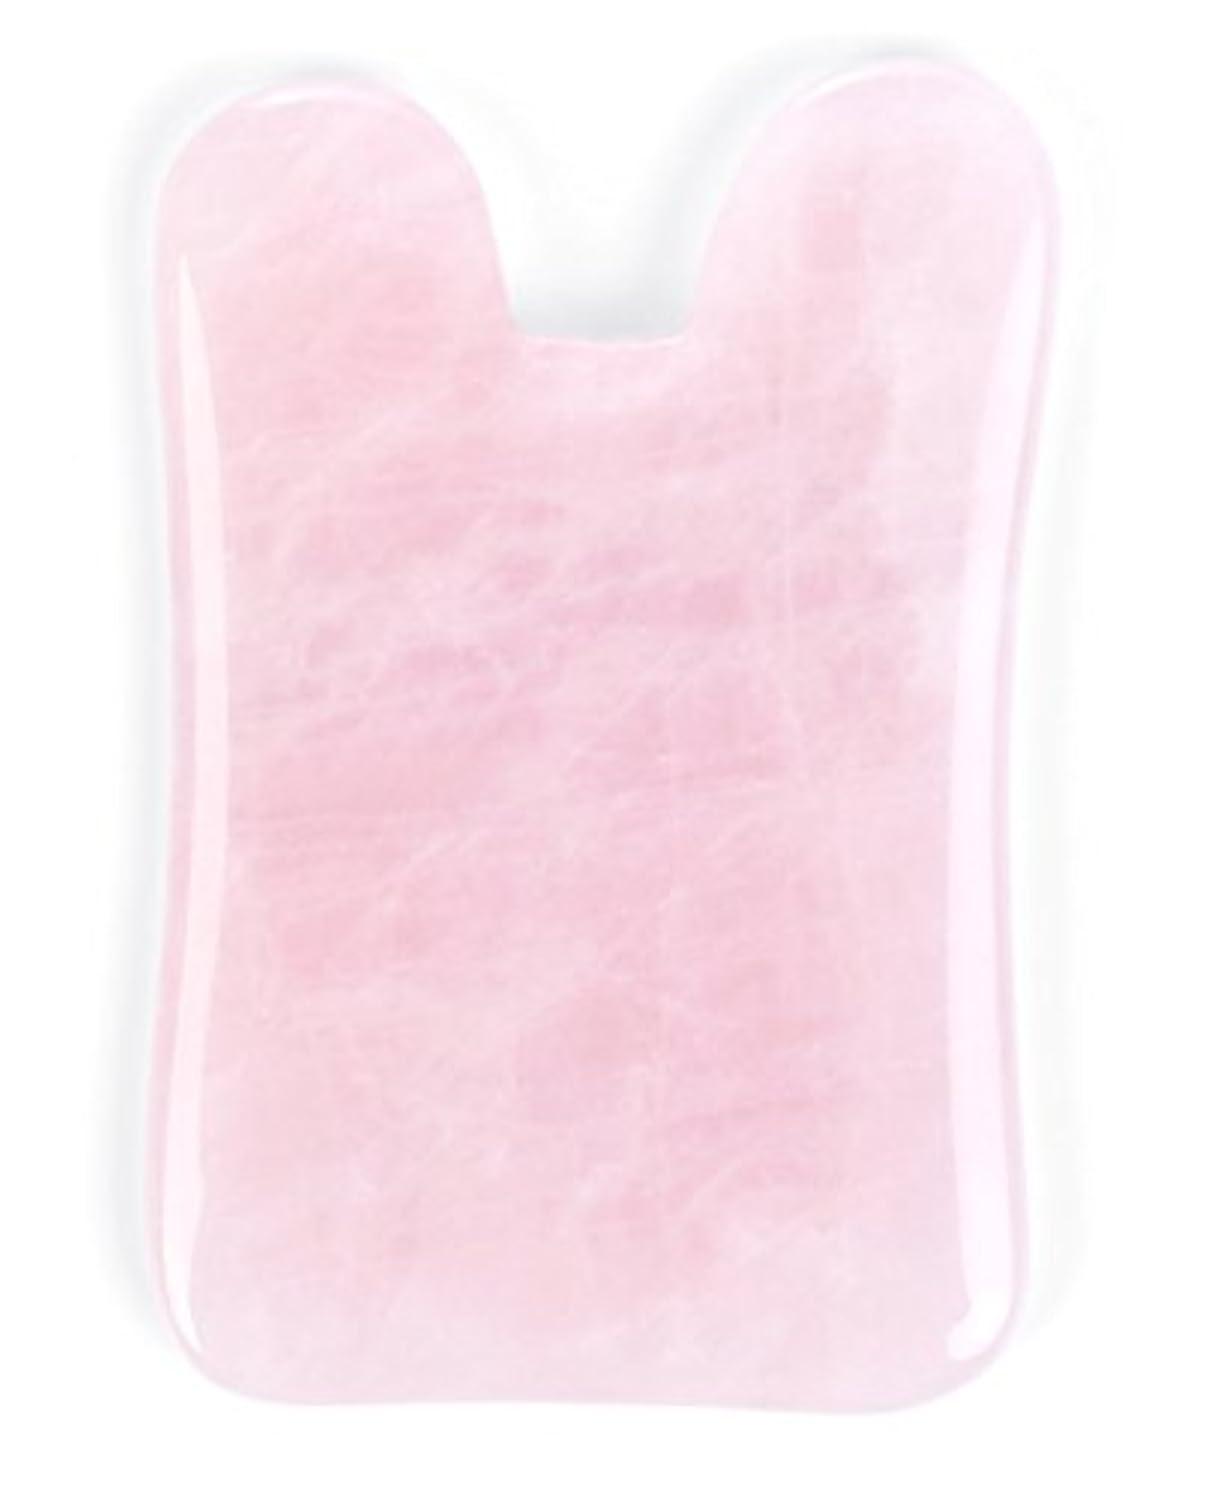 に話す後方に町Echo & Kern ピンクローズクォーツかっさプレート マッサージプレートPink Rose Quartz Gua Sha Board-Therapeutic Relief and Skin Renewal -Premium...